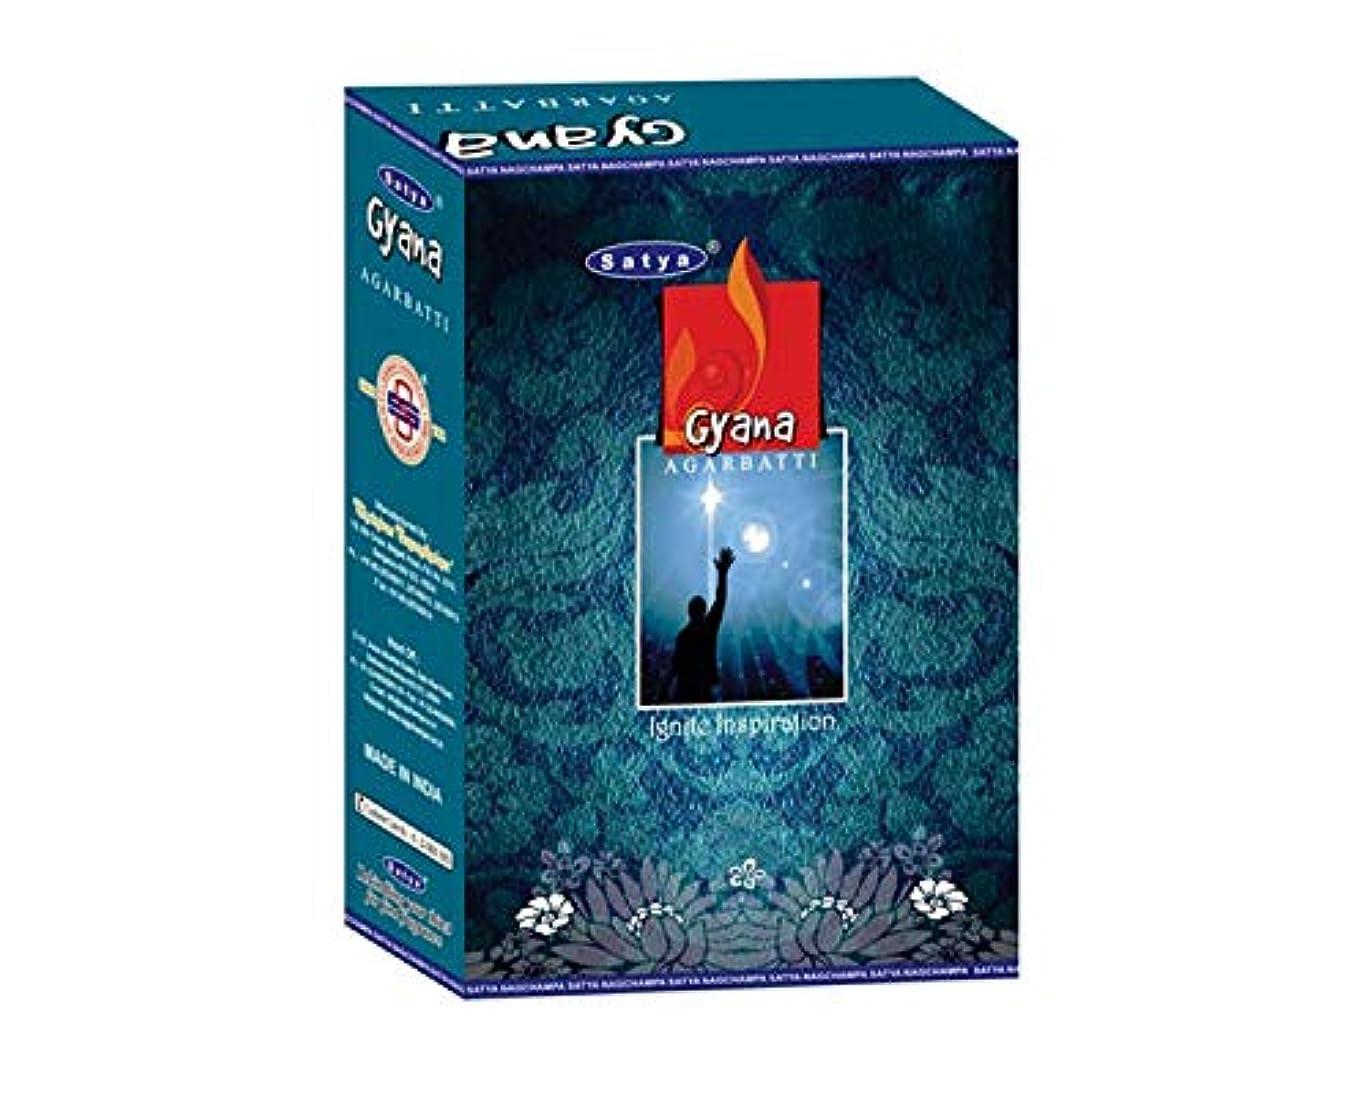 年金地下室無限大Satya Gyana Incense Sticksボックス240?gmsボックス